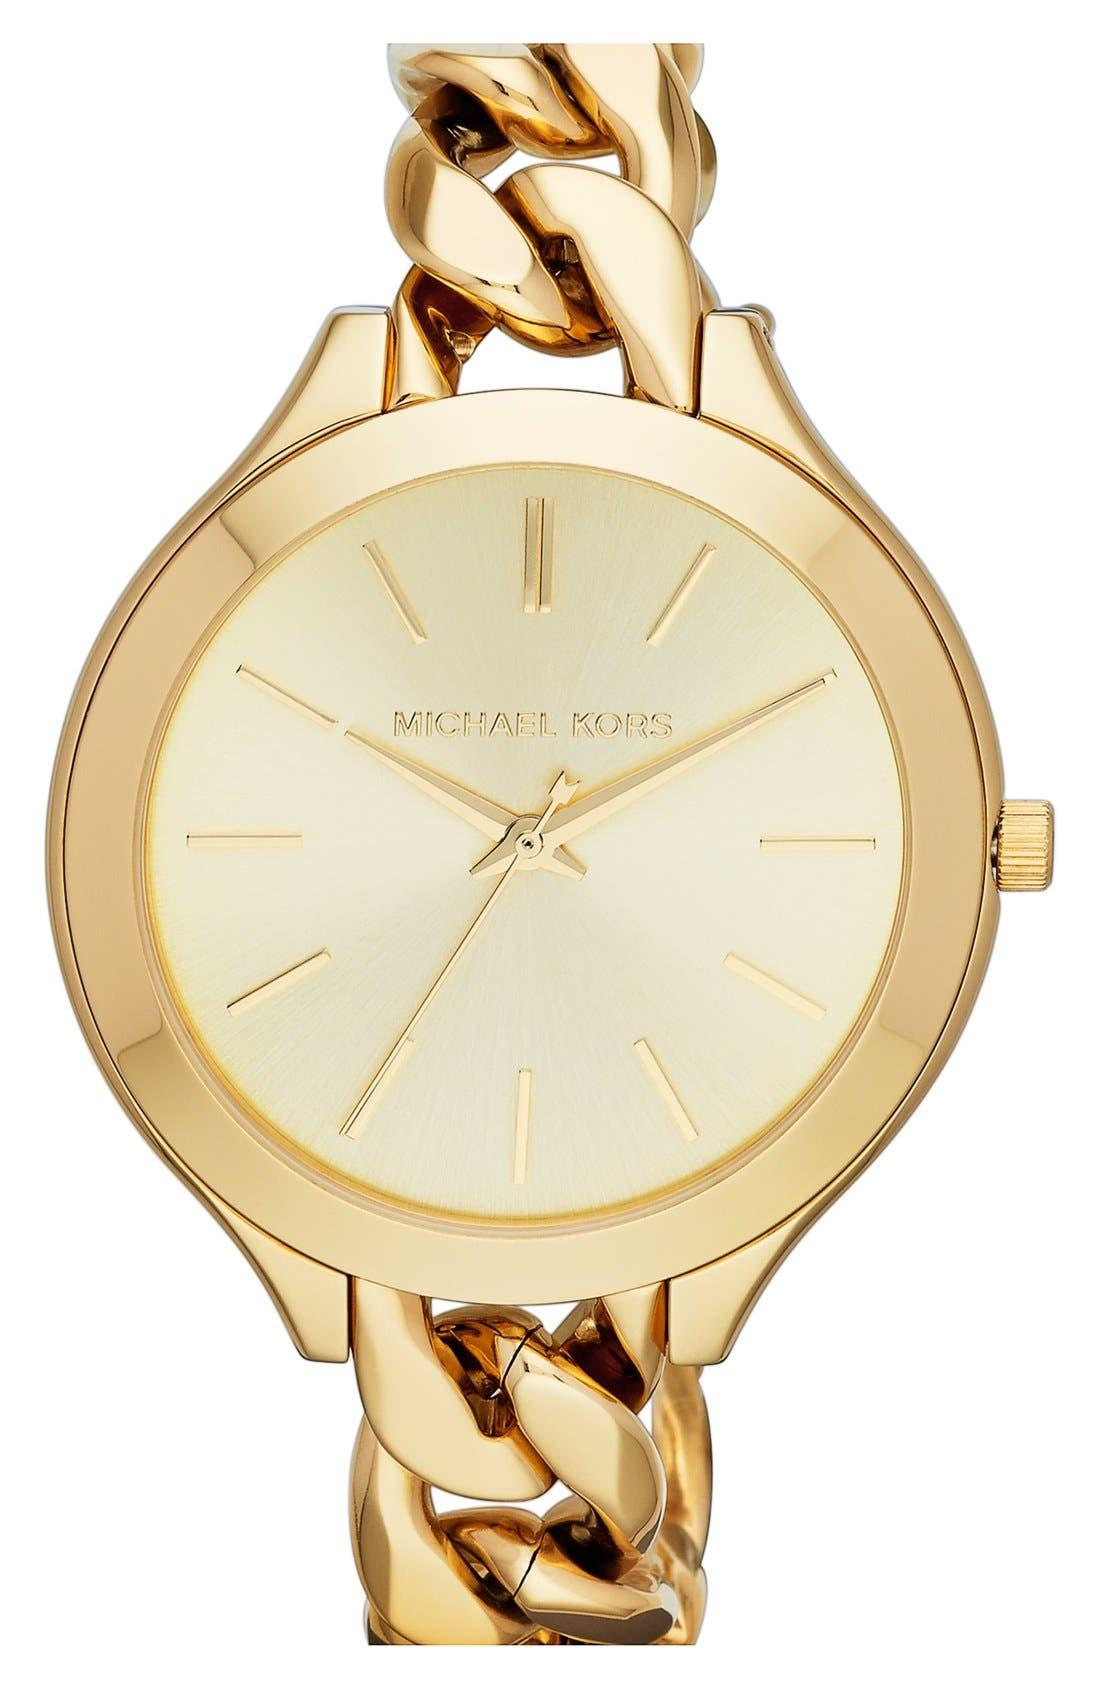 Alternate Image 1 Selected - Michael Kors 'Slim Runway' Chain Bracelet Watch, 42mm